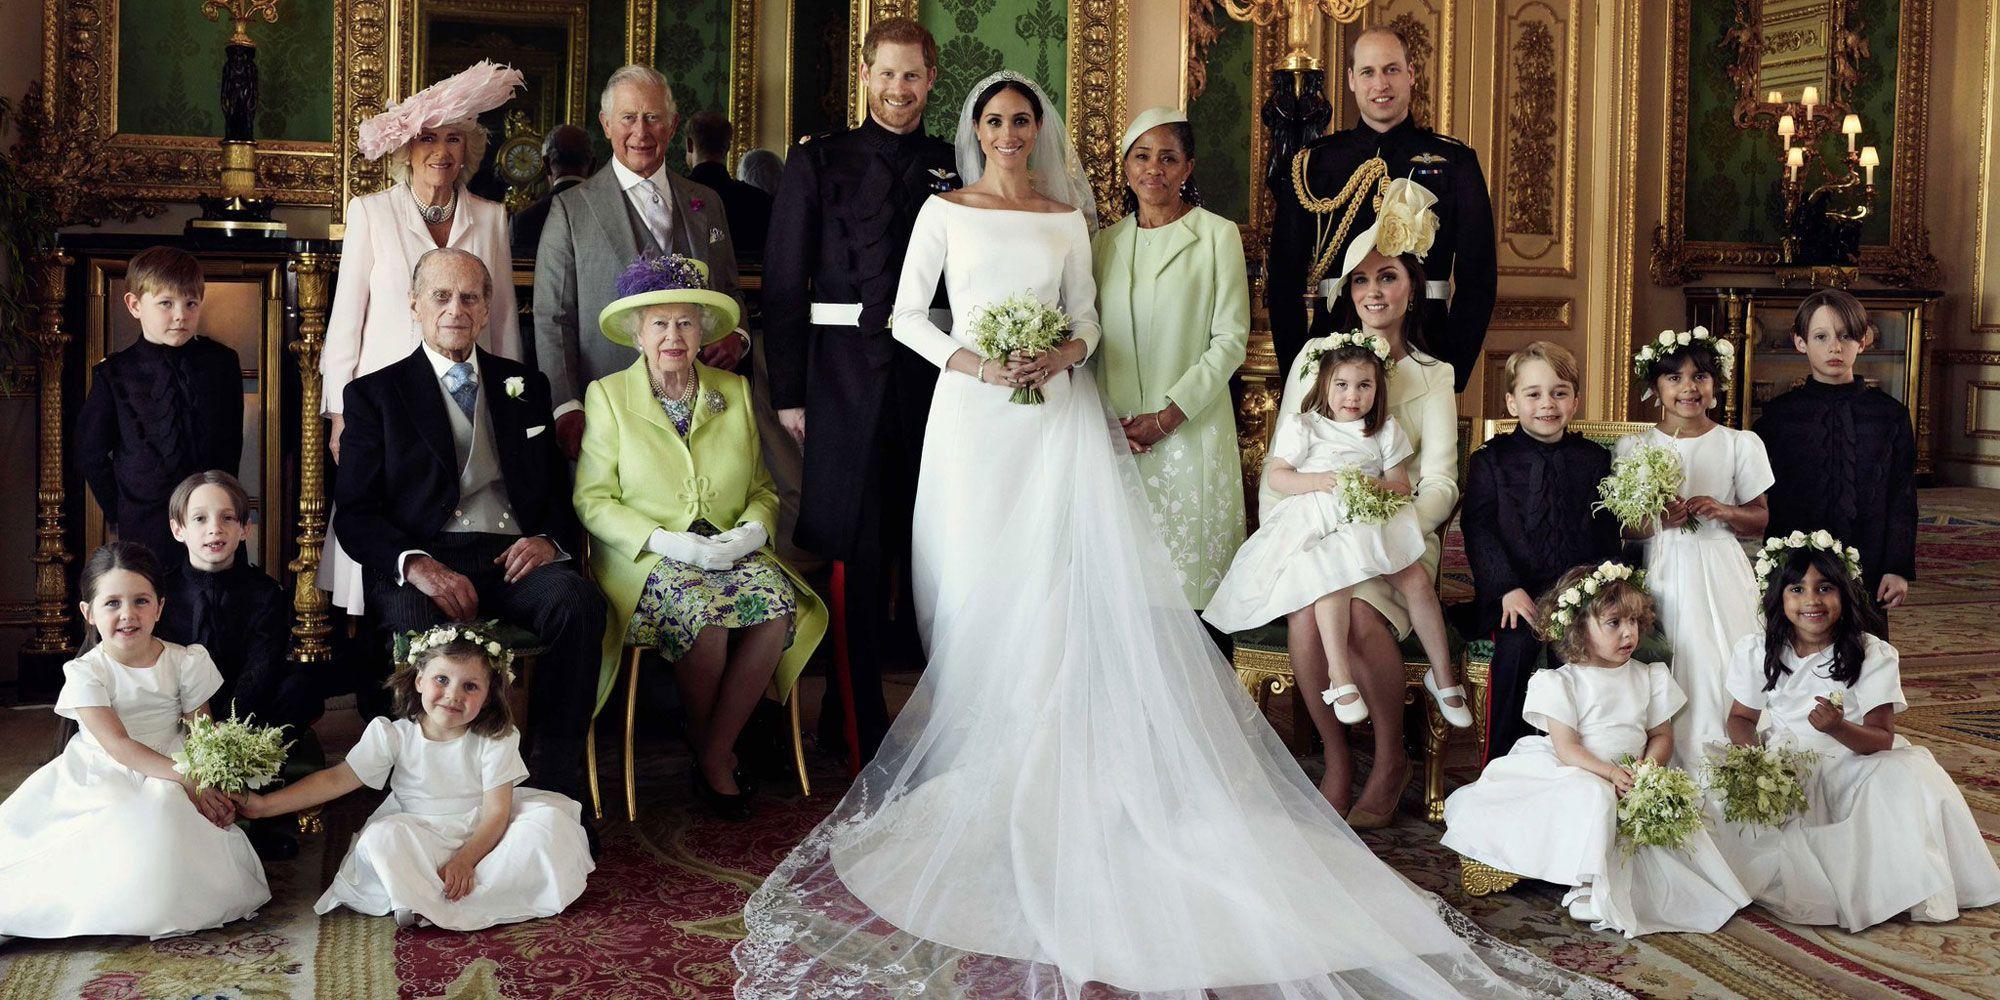 Mariage de Meghan Markle et du prince Harry : ce petit